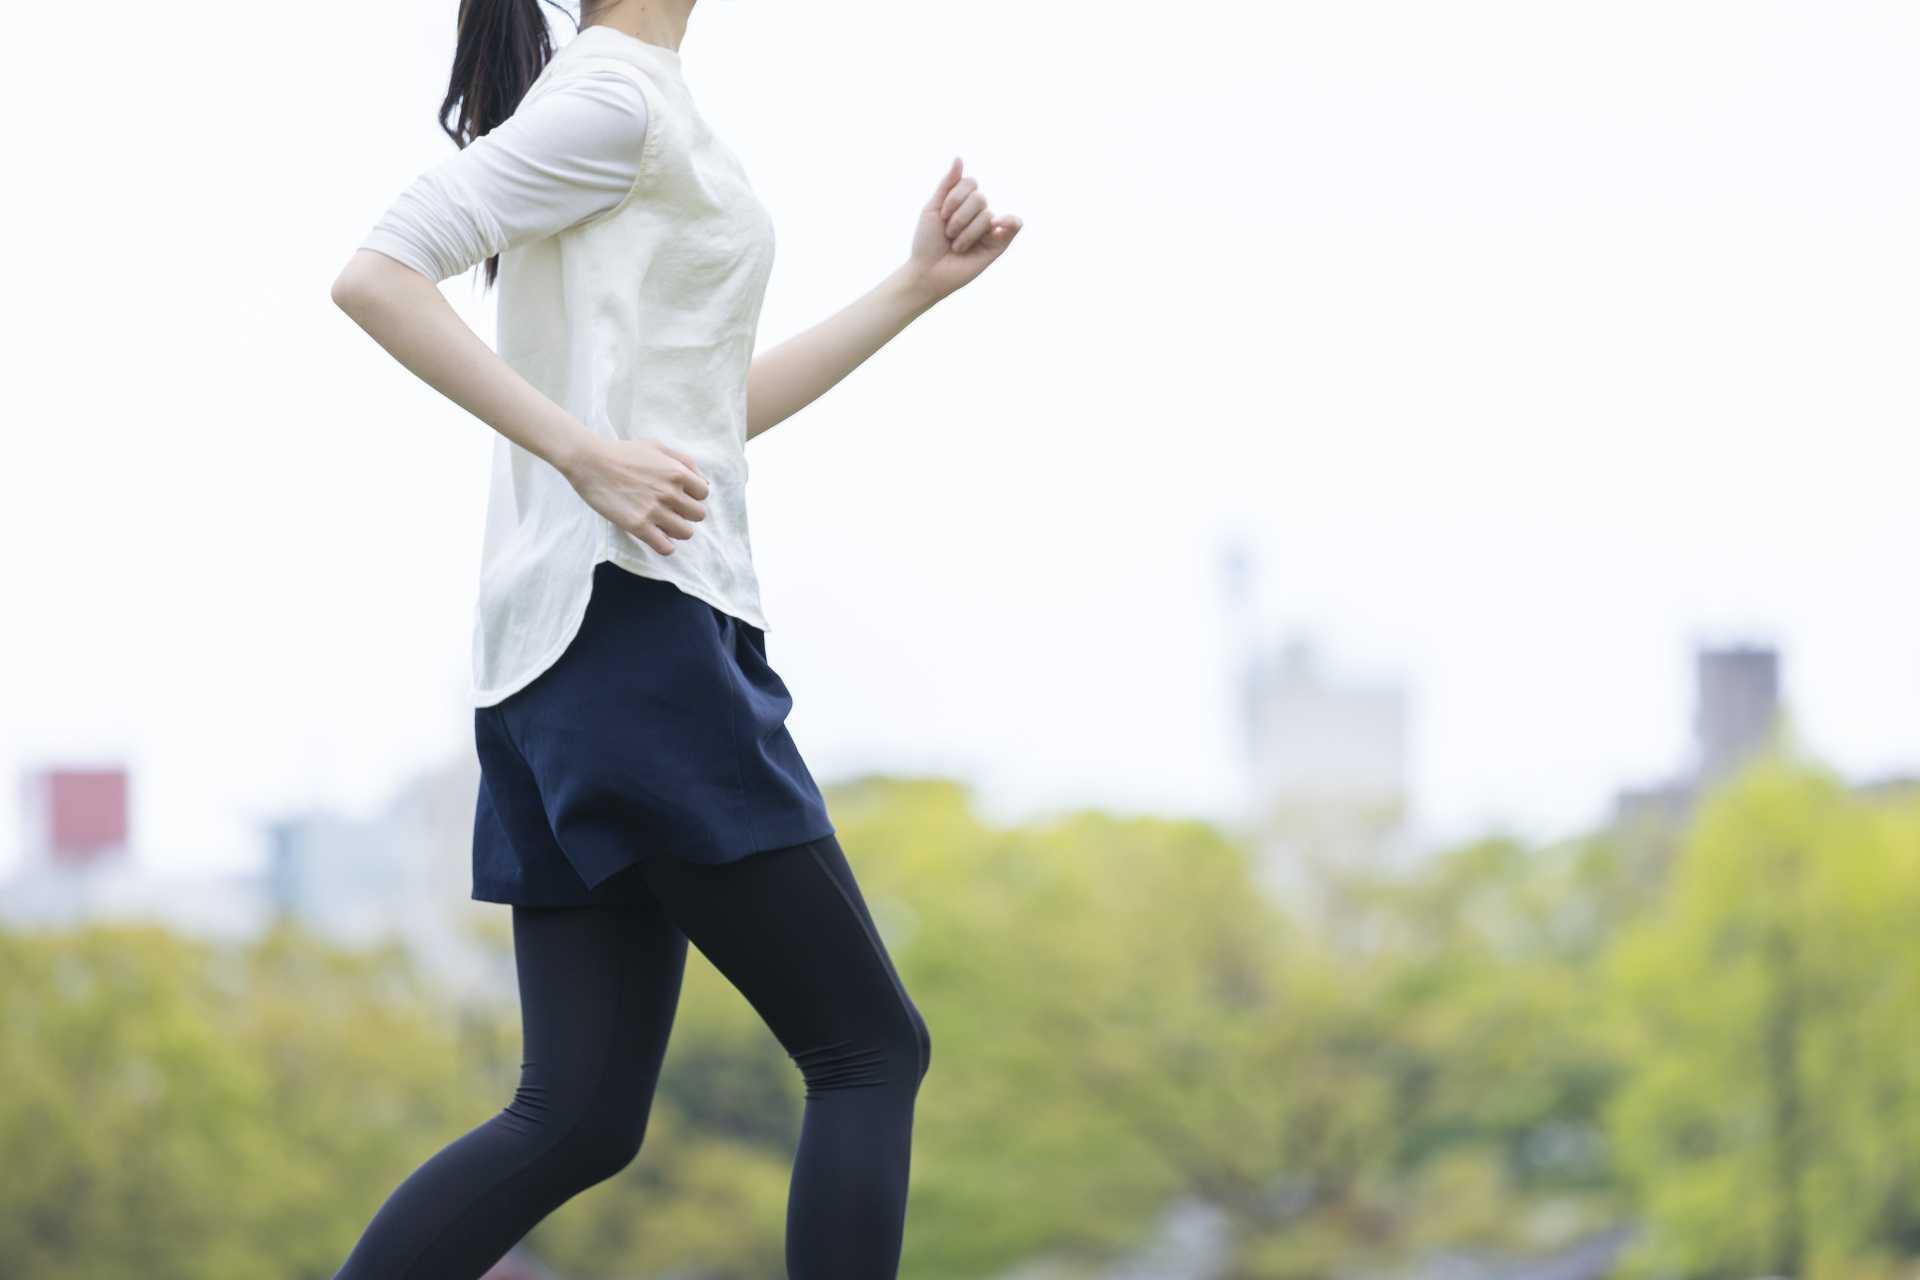 腕を90度に曲げながら歩くと、上半身を鍛えながら歩くことができる。 | ウォーキング・ダイエットのすすめ